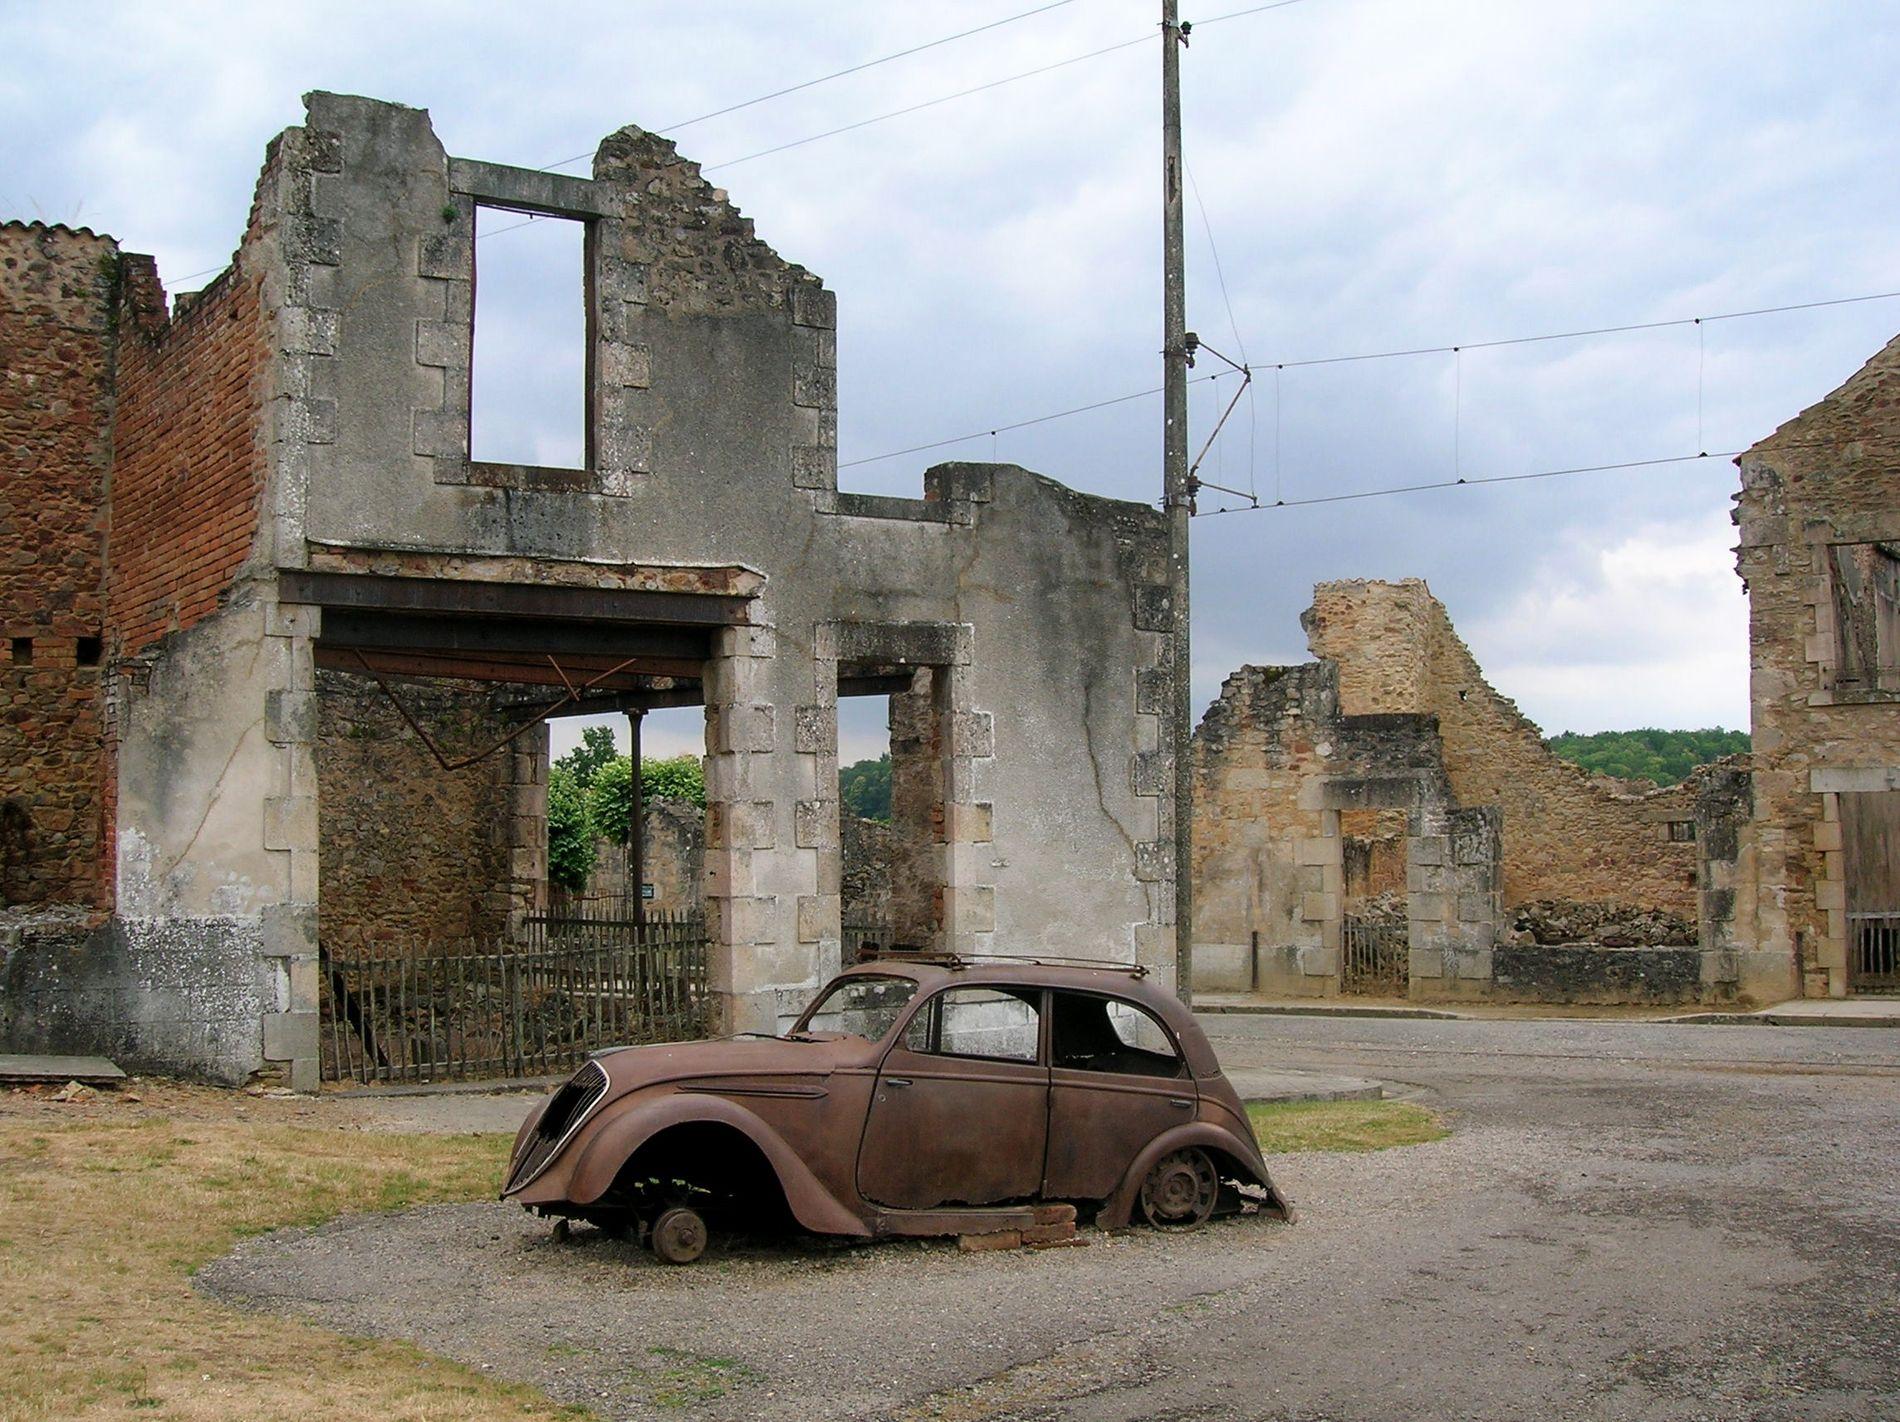 Carcaça de carro após mais de 70 anos.